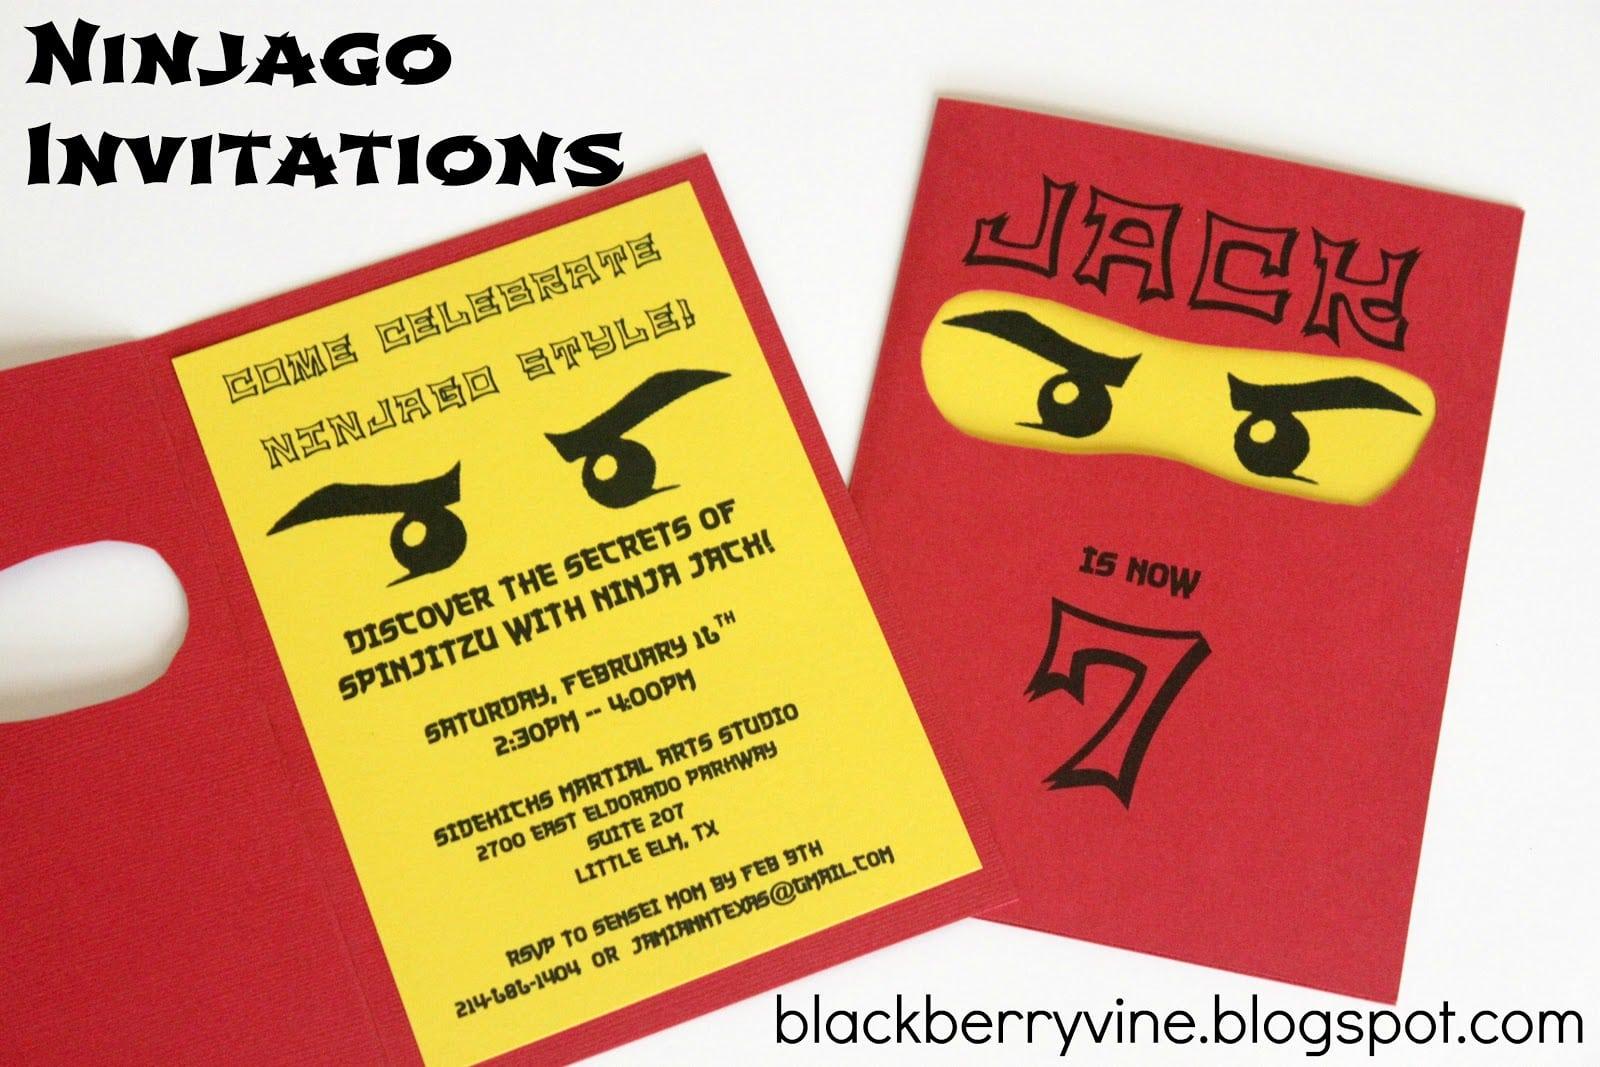 Ninjago Party Invitations - Mickey Mouse Invitations Templates